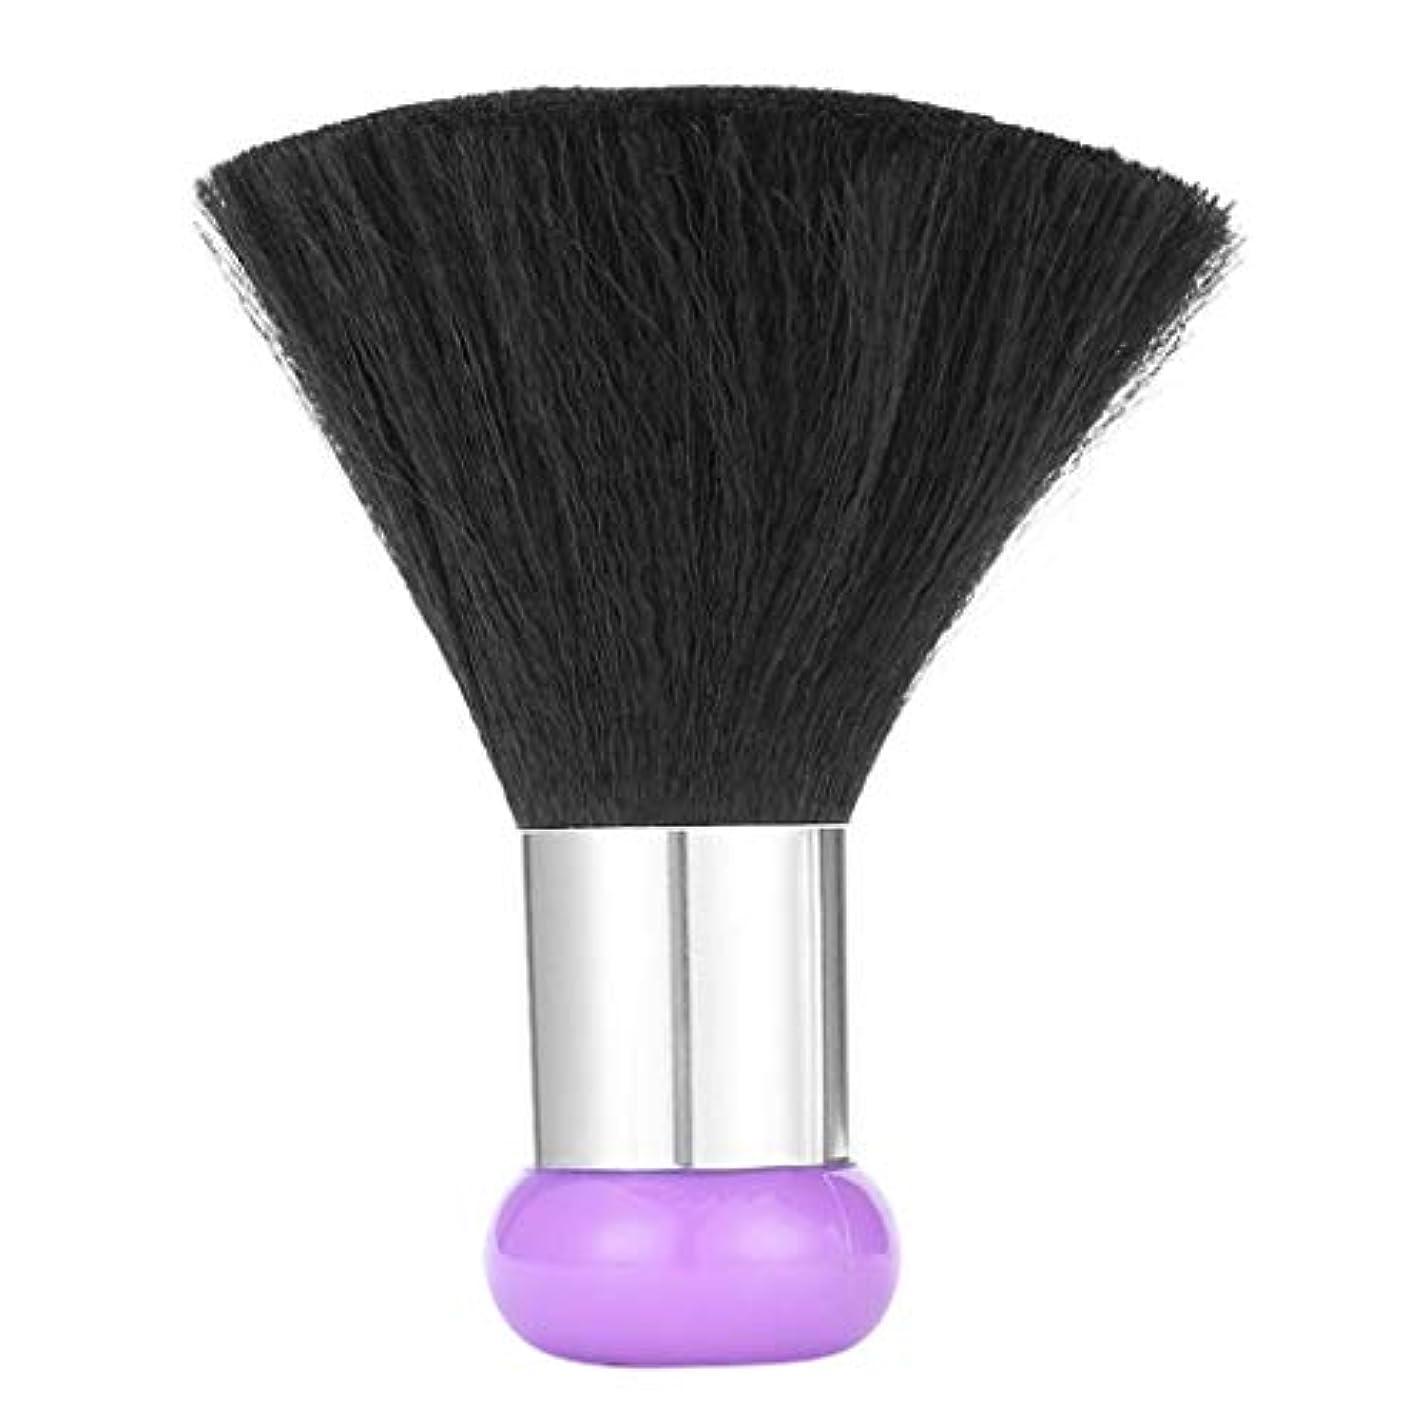 円形の経過登録ネックダスターブラシ ヘアカット ヘアブラシ クリーナー プロ 美容院 サロン 2色選べ - 紫